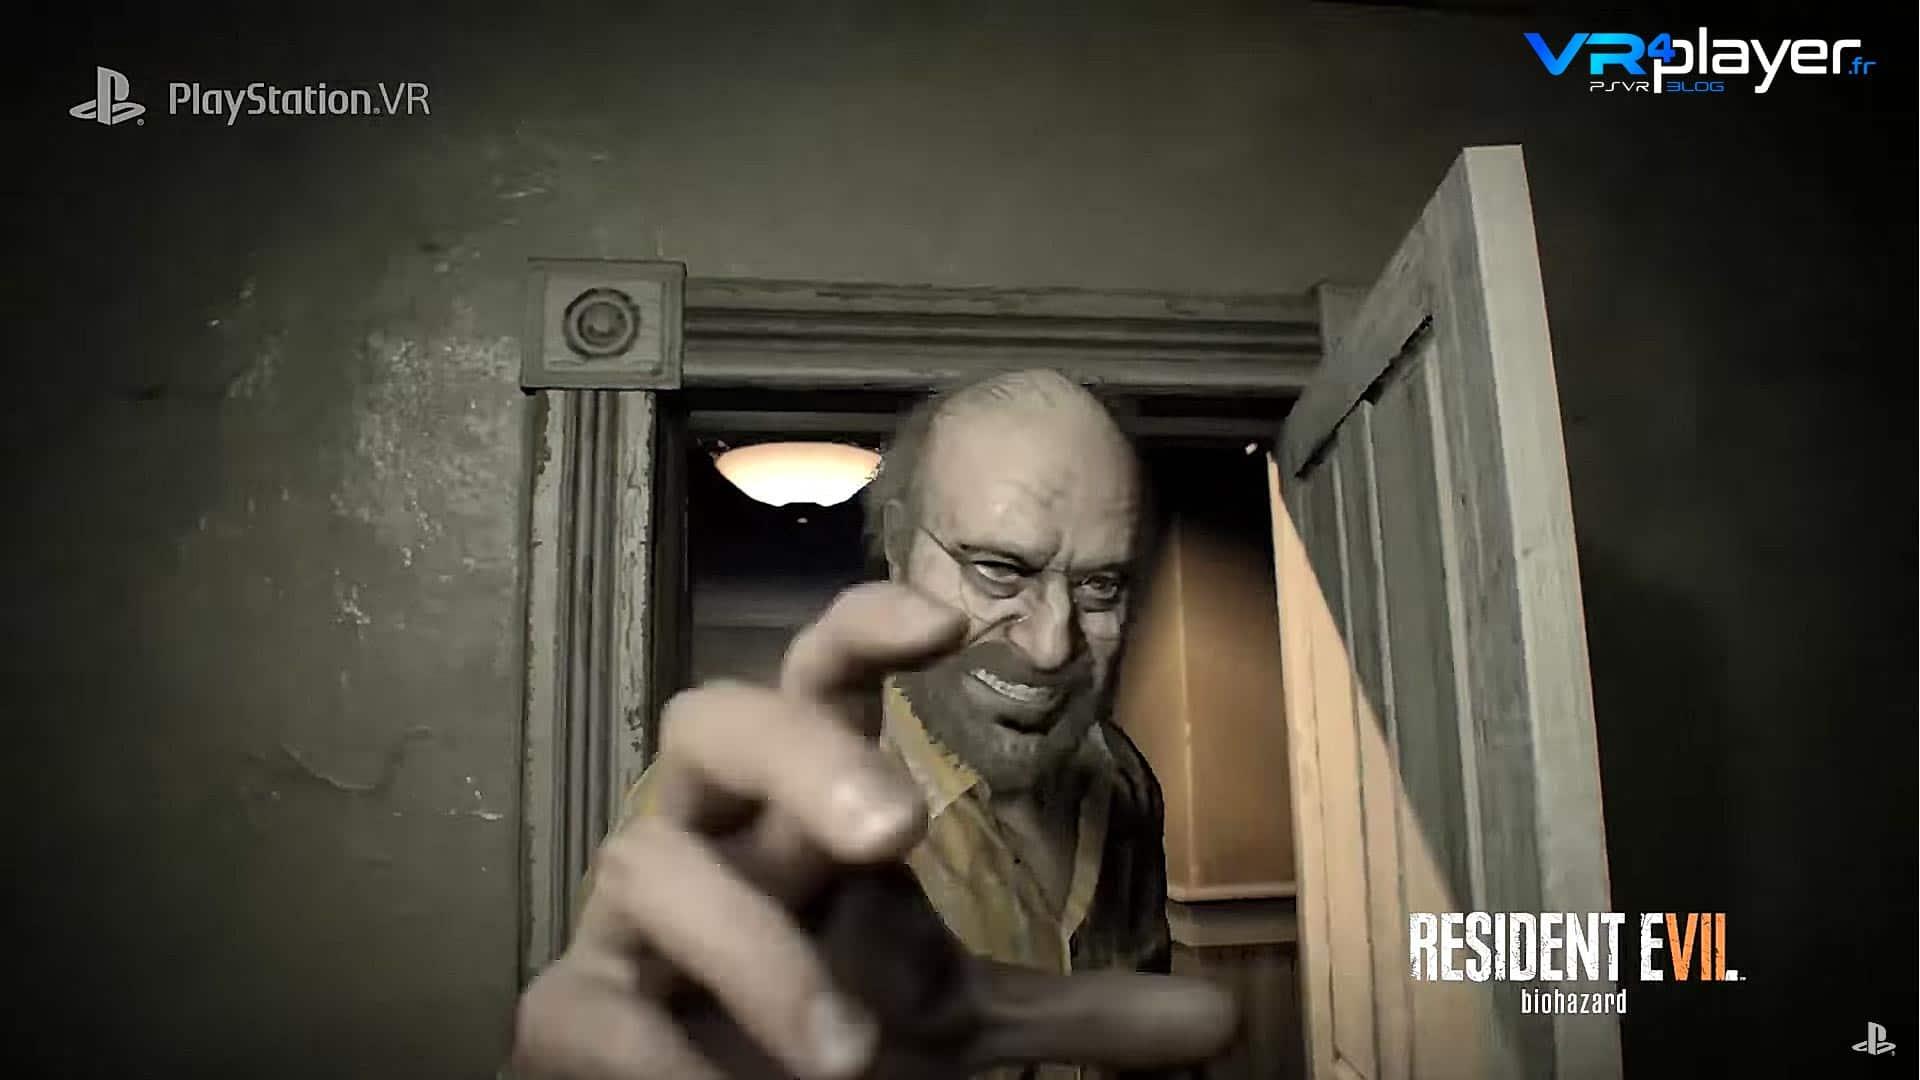 Resident Evil 7 PSVR - VR4Player